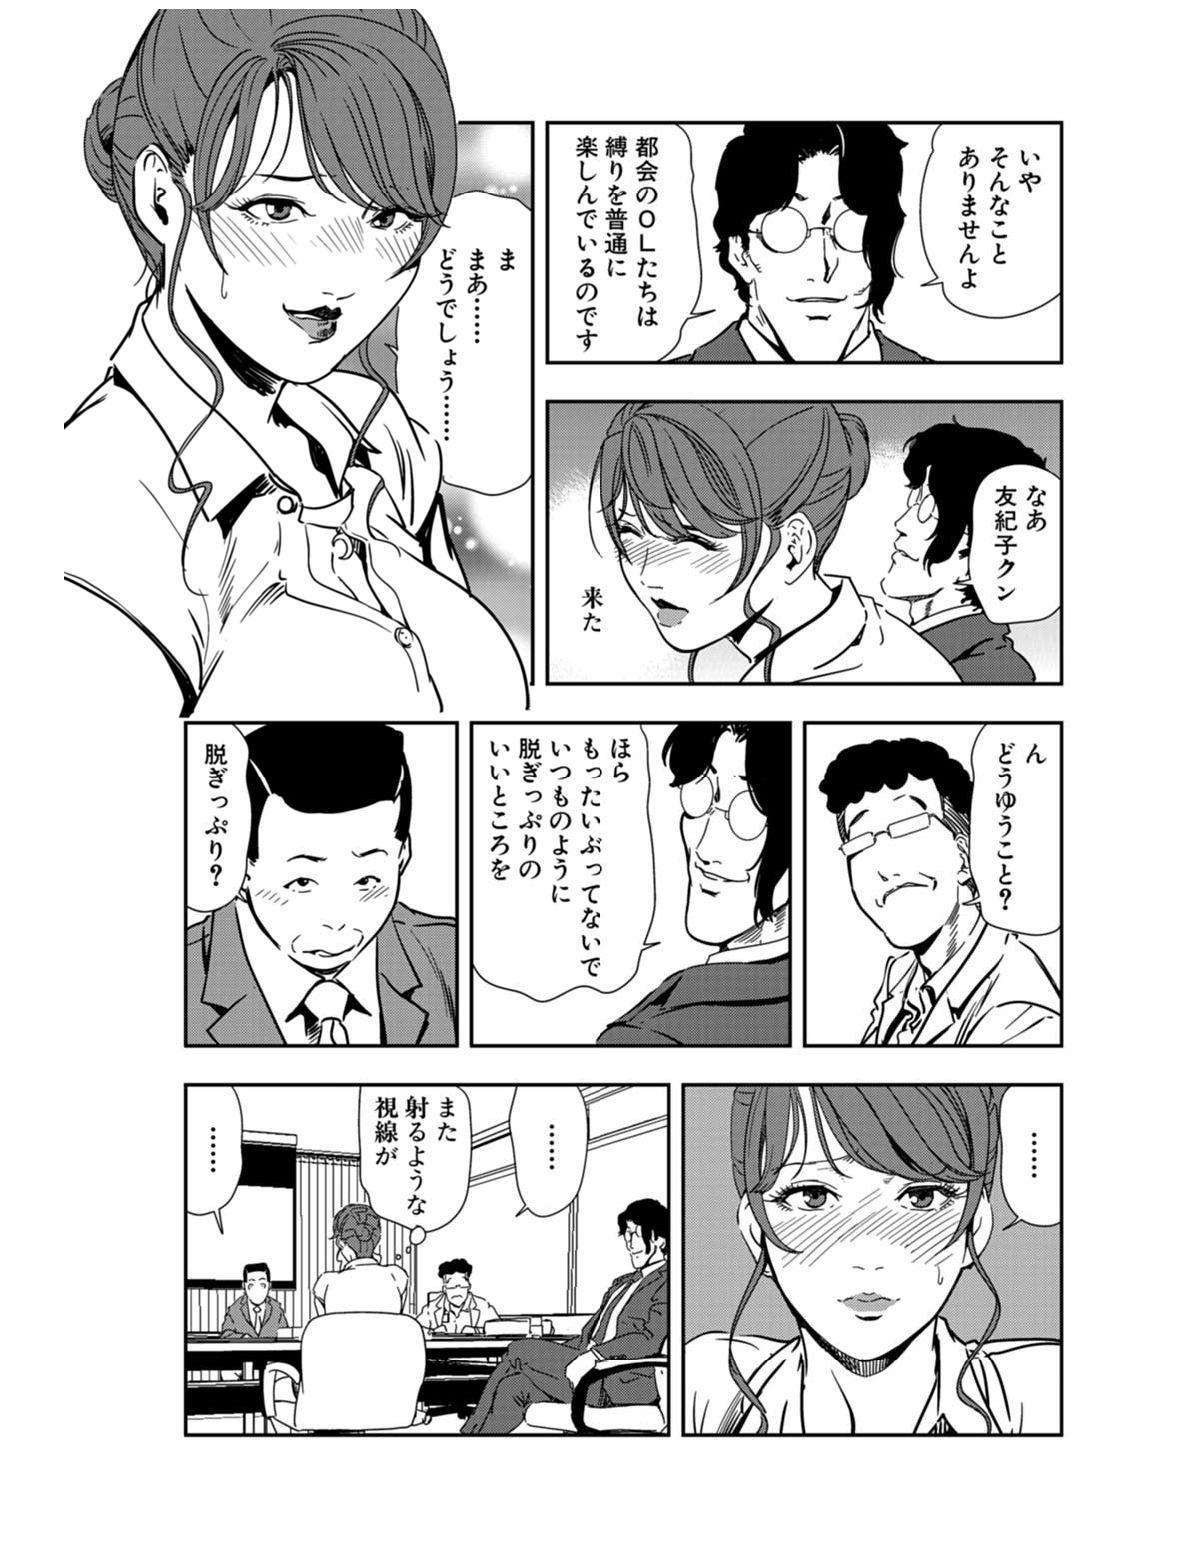 Nikuhisyo Yukiko 21 84